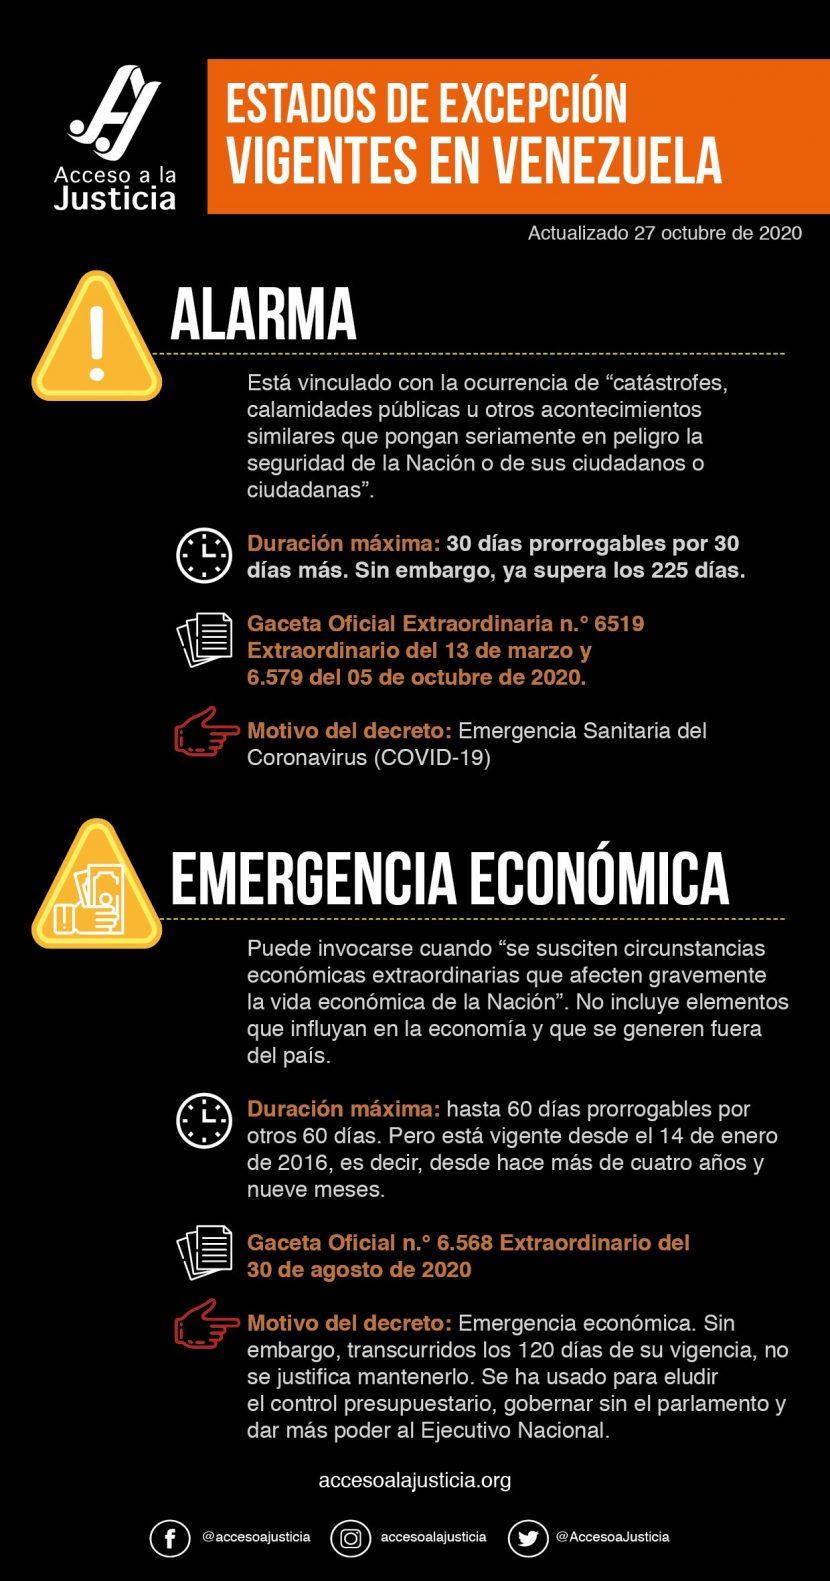 Estado de excepción vigentes en Venezuela (infografía) oct-20